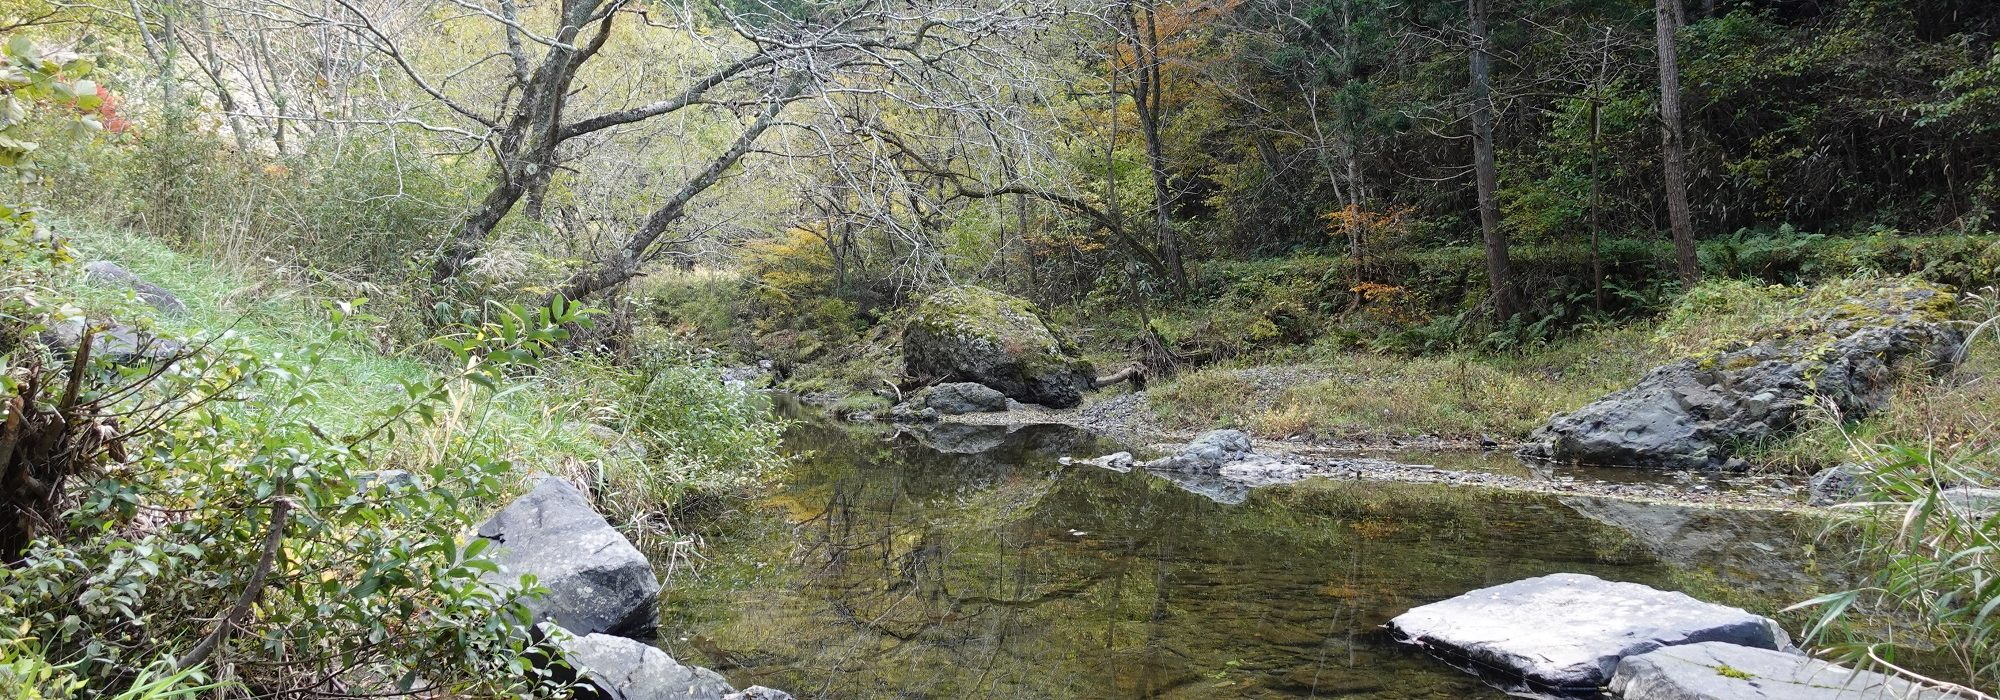 ゆるやかに流れる川の水を静かに眺めるのもオススメ